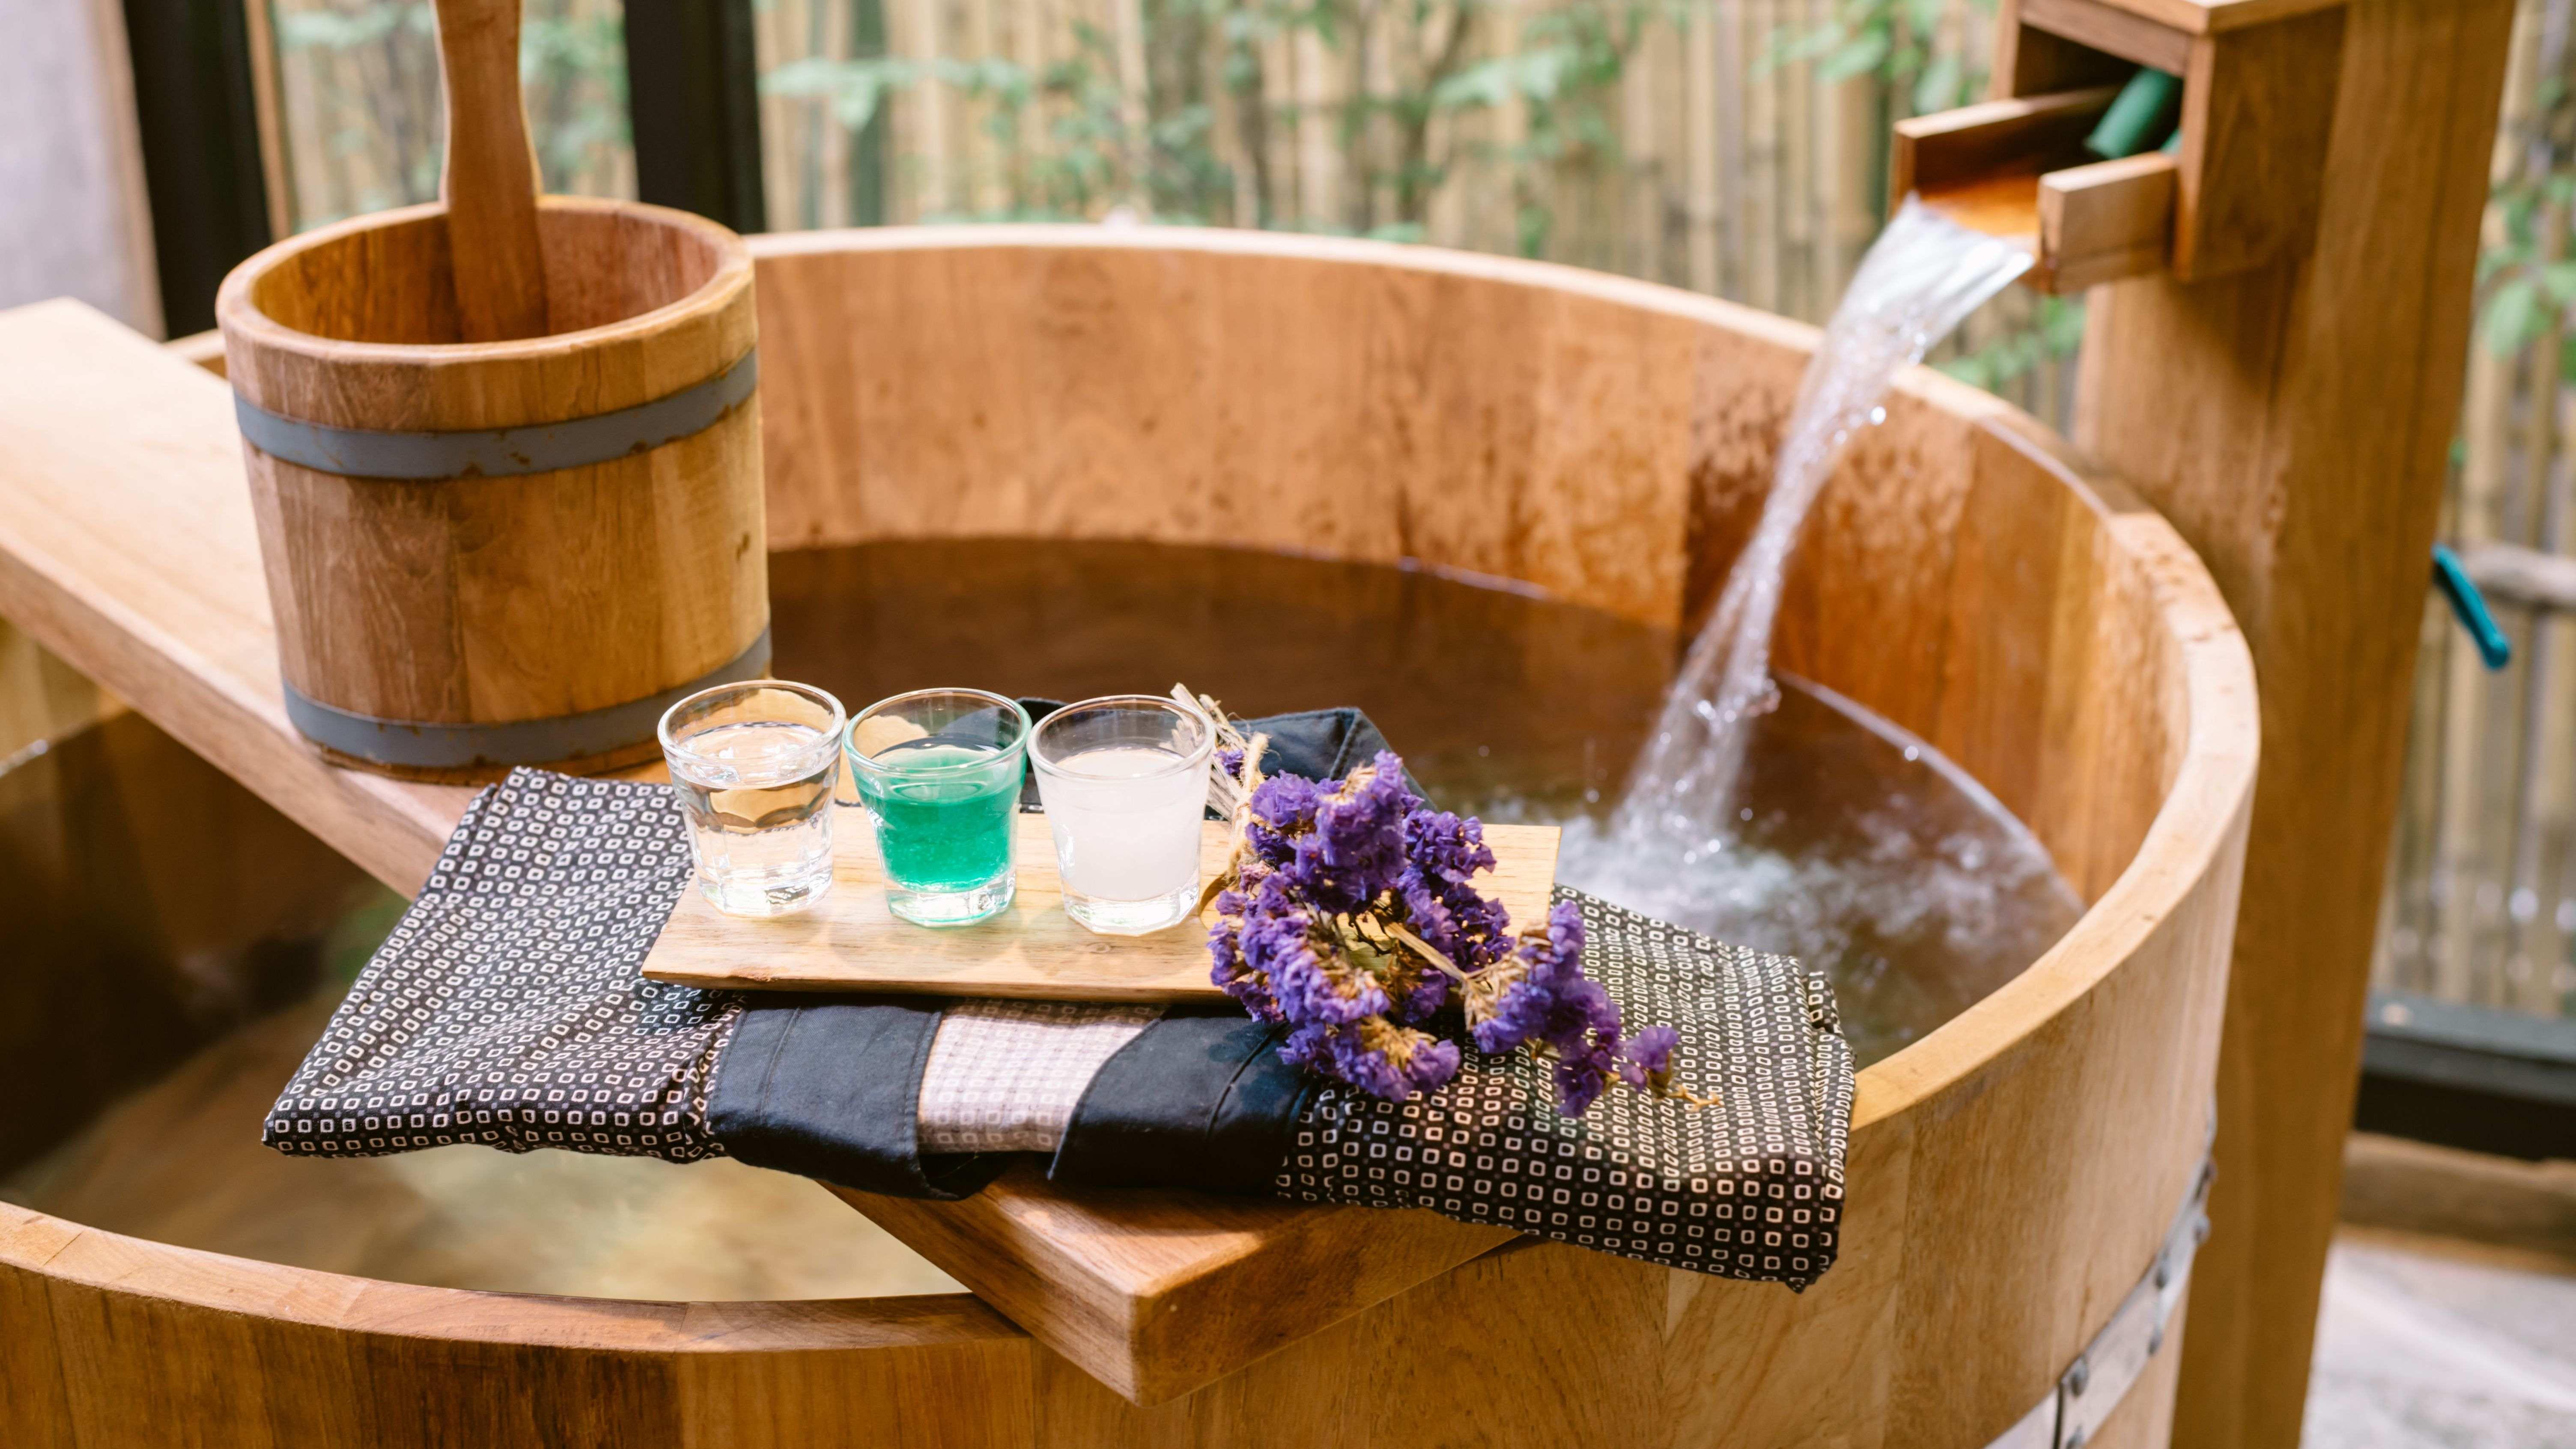 Badezimmer im japanischen Stil:  zwischen Purismus und Kirschblüten